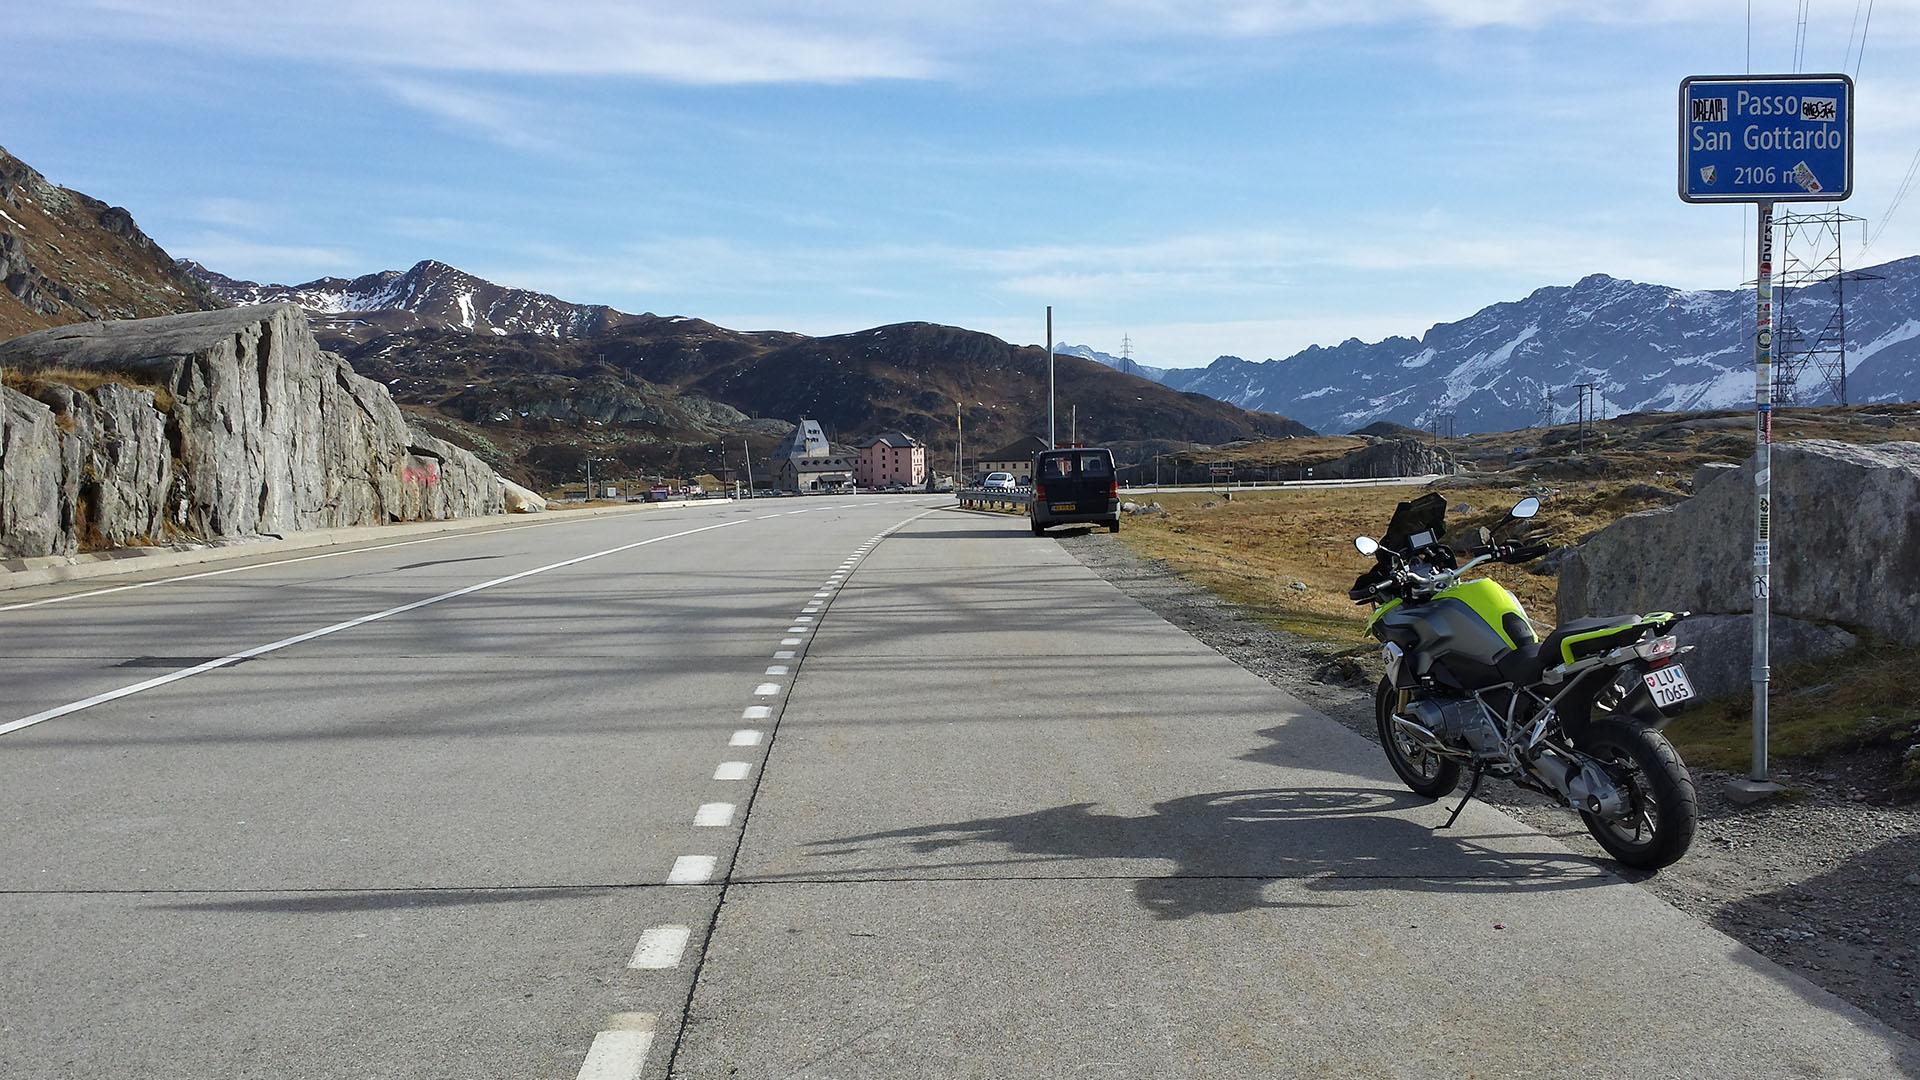 2106 - CH - Gotthard-Pass (Passo San Gottardo)